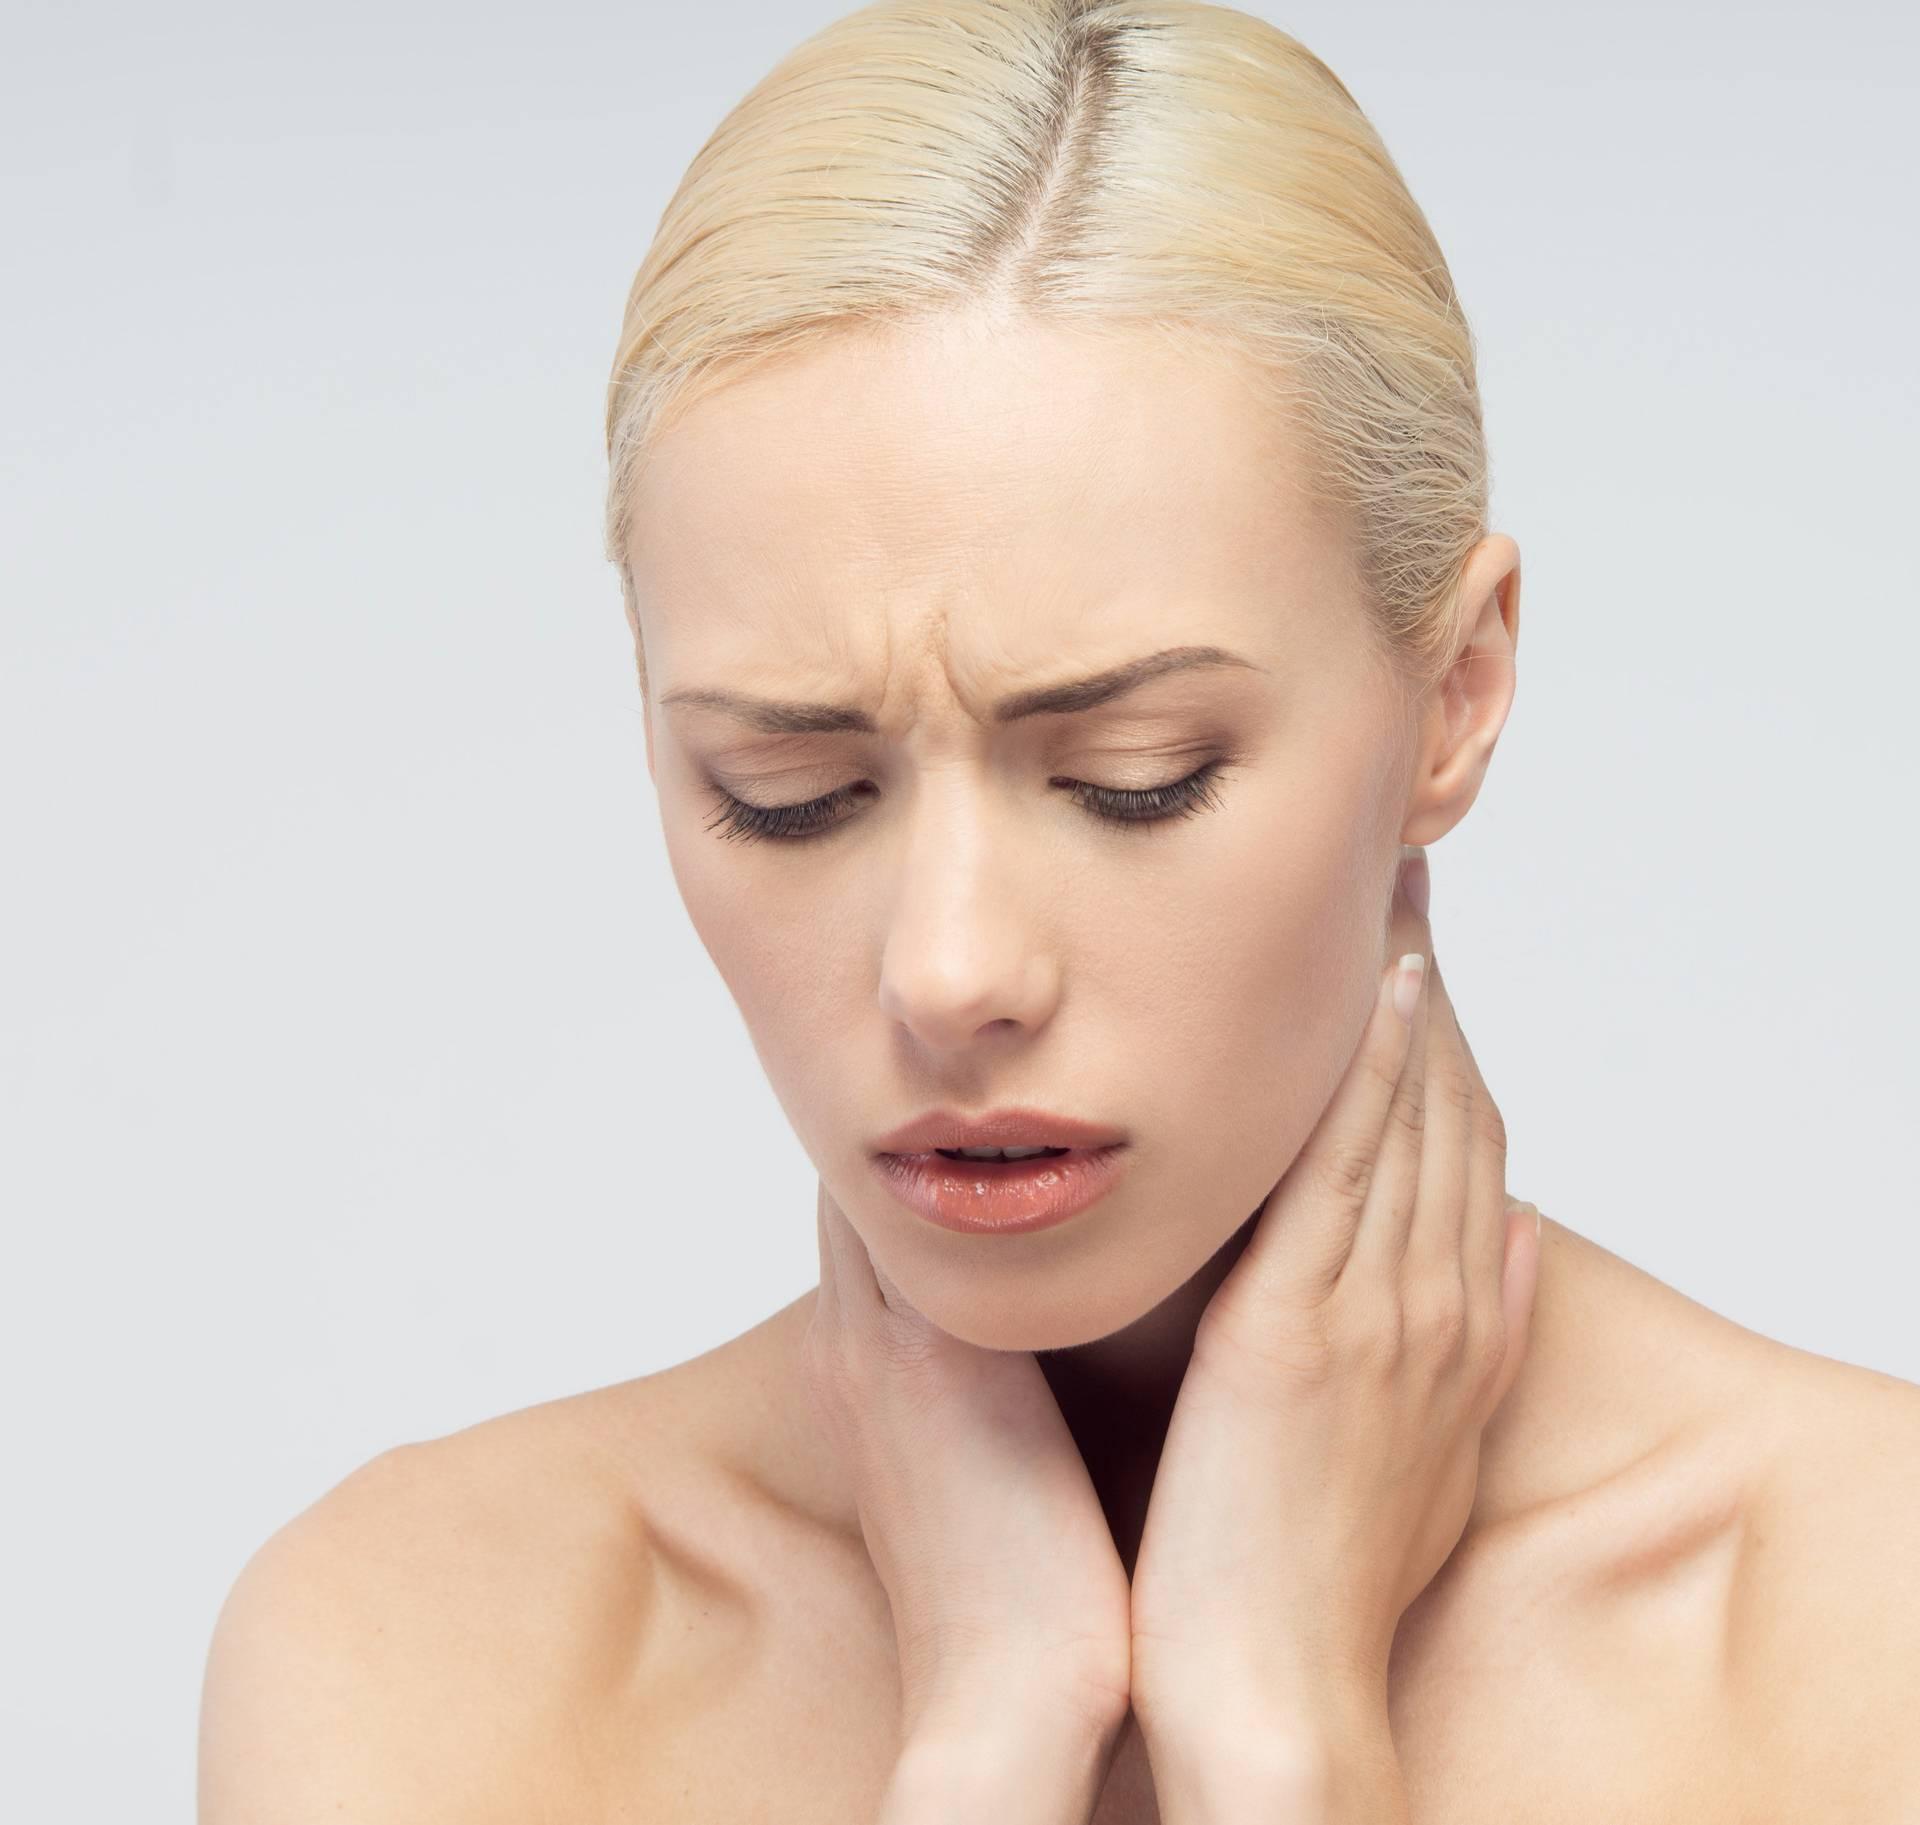 15 najboljih domaćih lijekova koji smiruju kašalj i bolno grlo